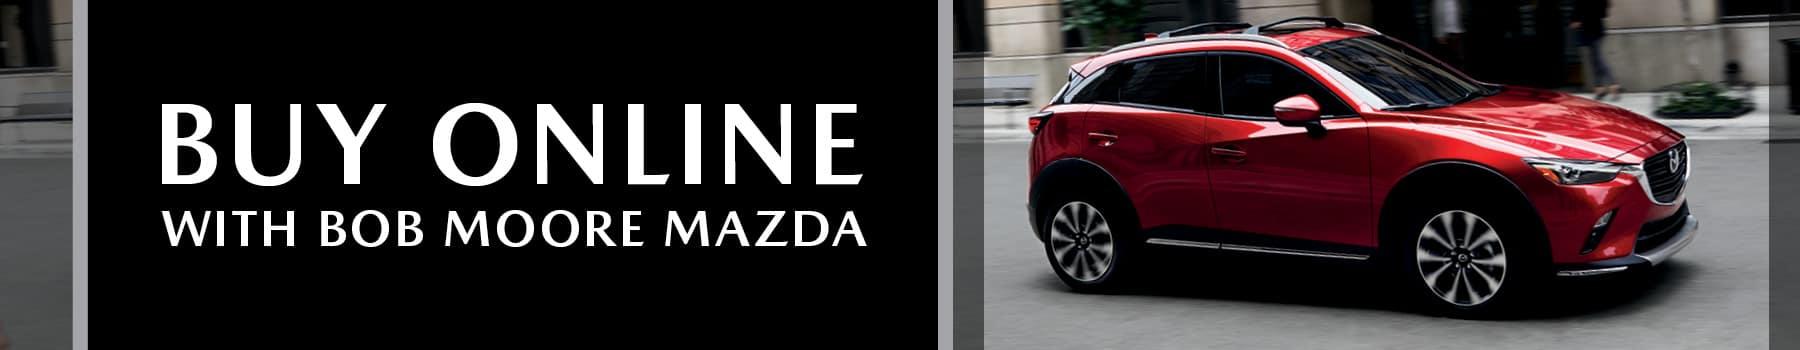 Buy Mazda Vehicles Online Banner